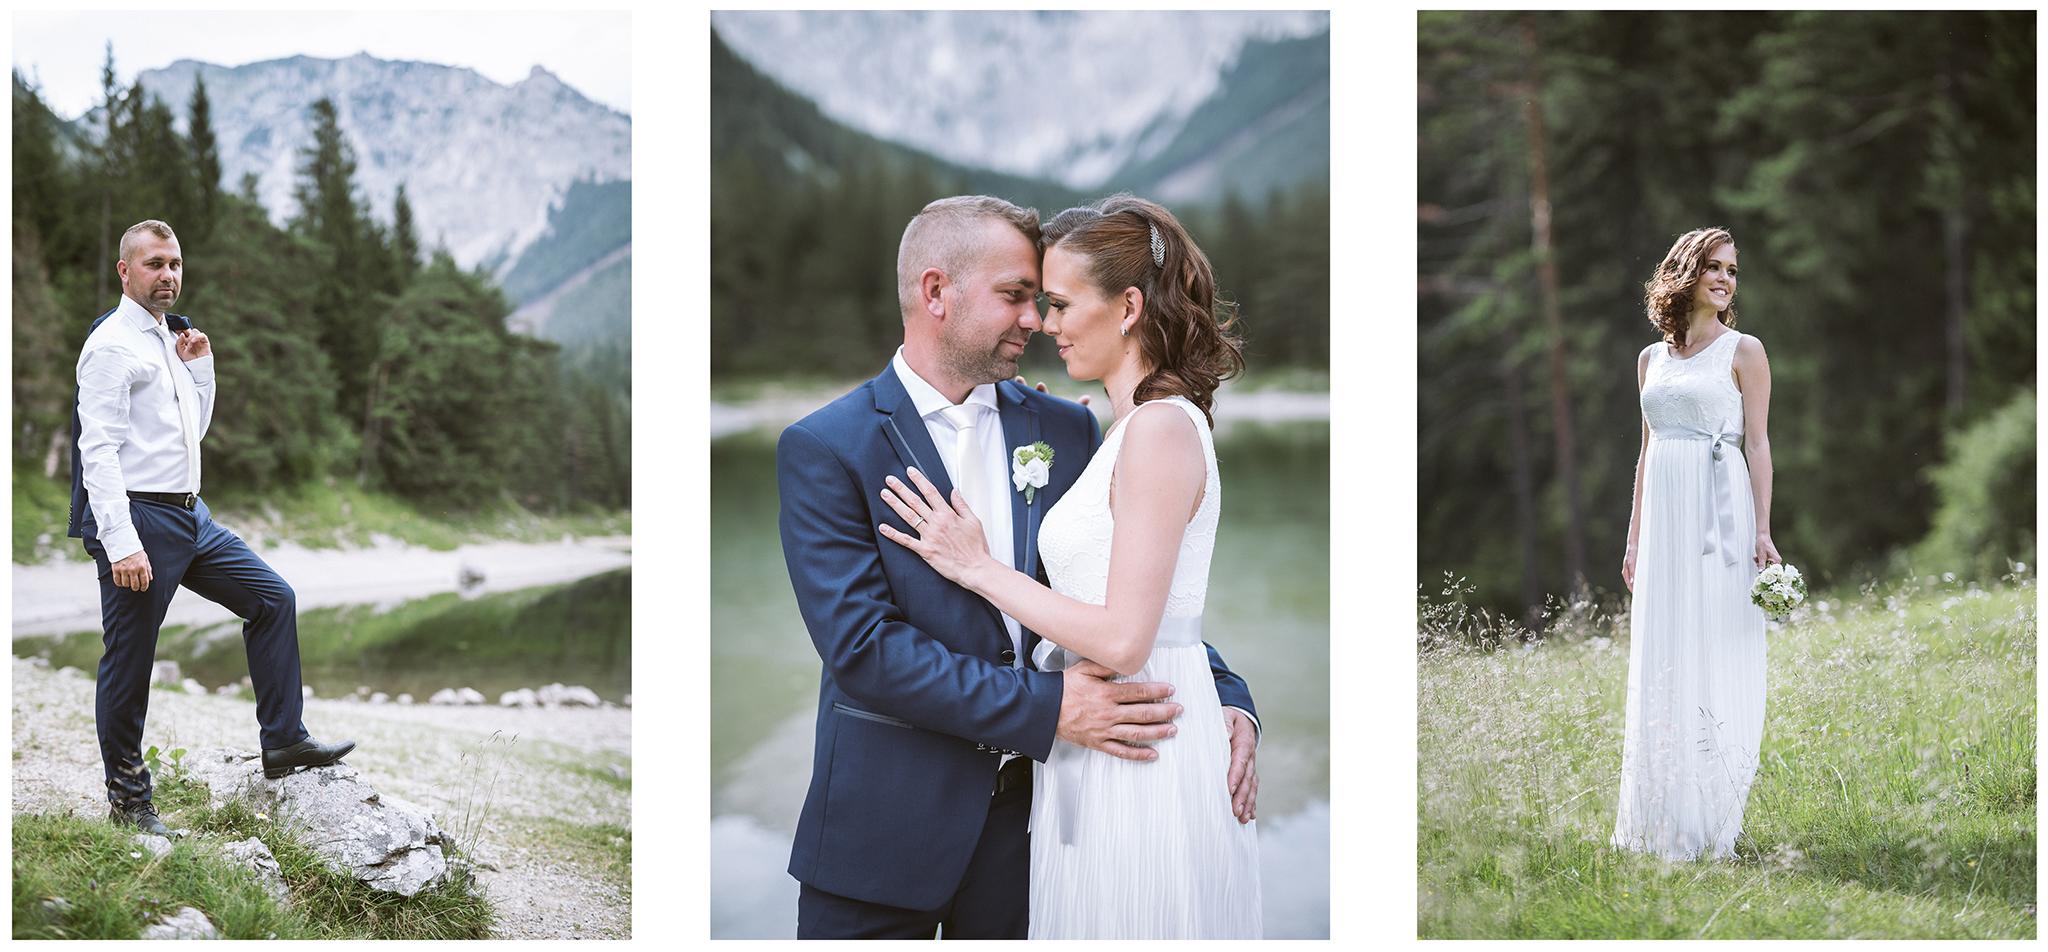 FylepPhoto, esküvőfotózás, magyarország, esküvői fotós, vasmegye, prémium, jegyesfotózás, Fülöp Péter, körmend, kreatív, grüner see_02.jpg